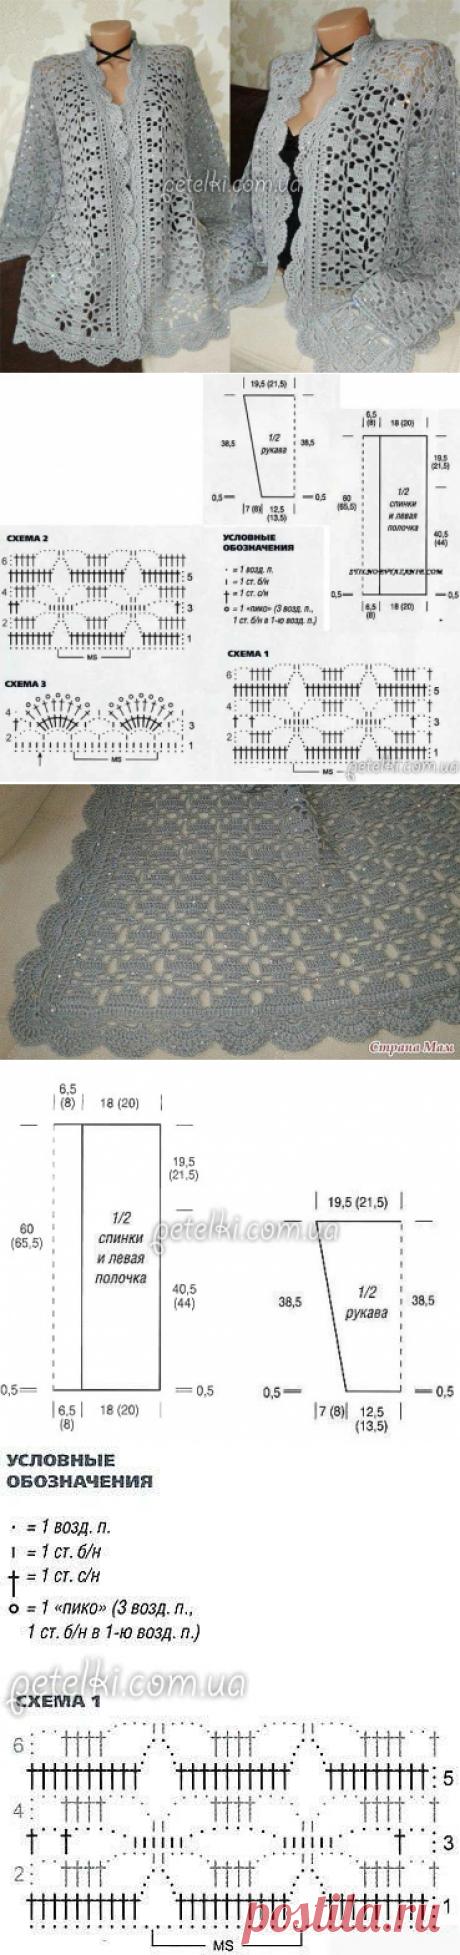 Серый жакет крючком от Светланы Заец. Описание и схемы вязания